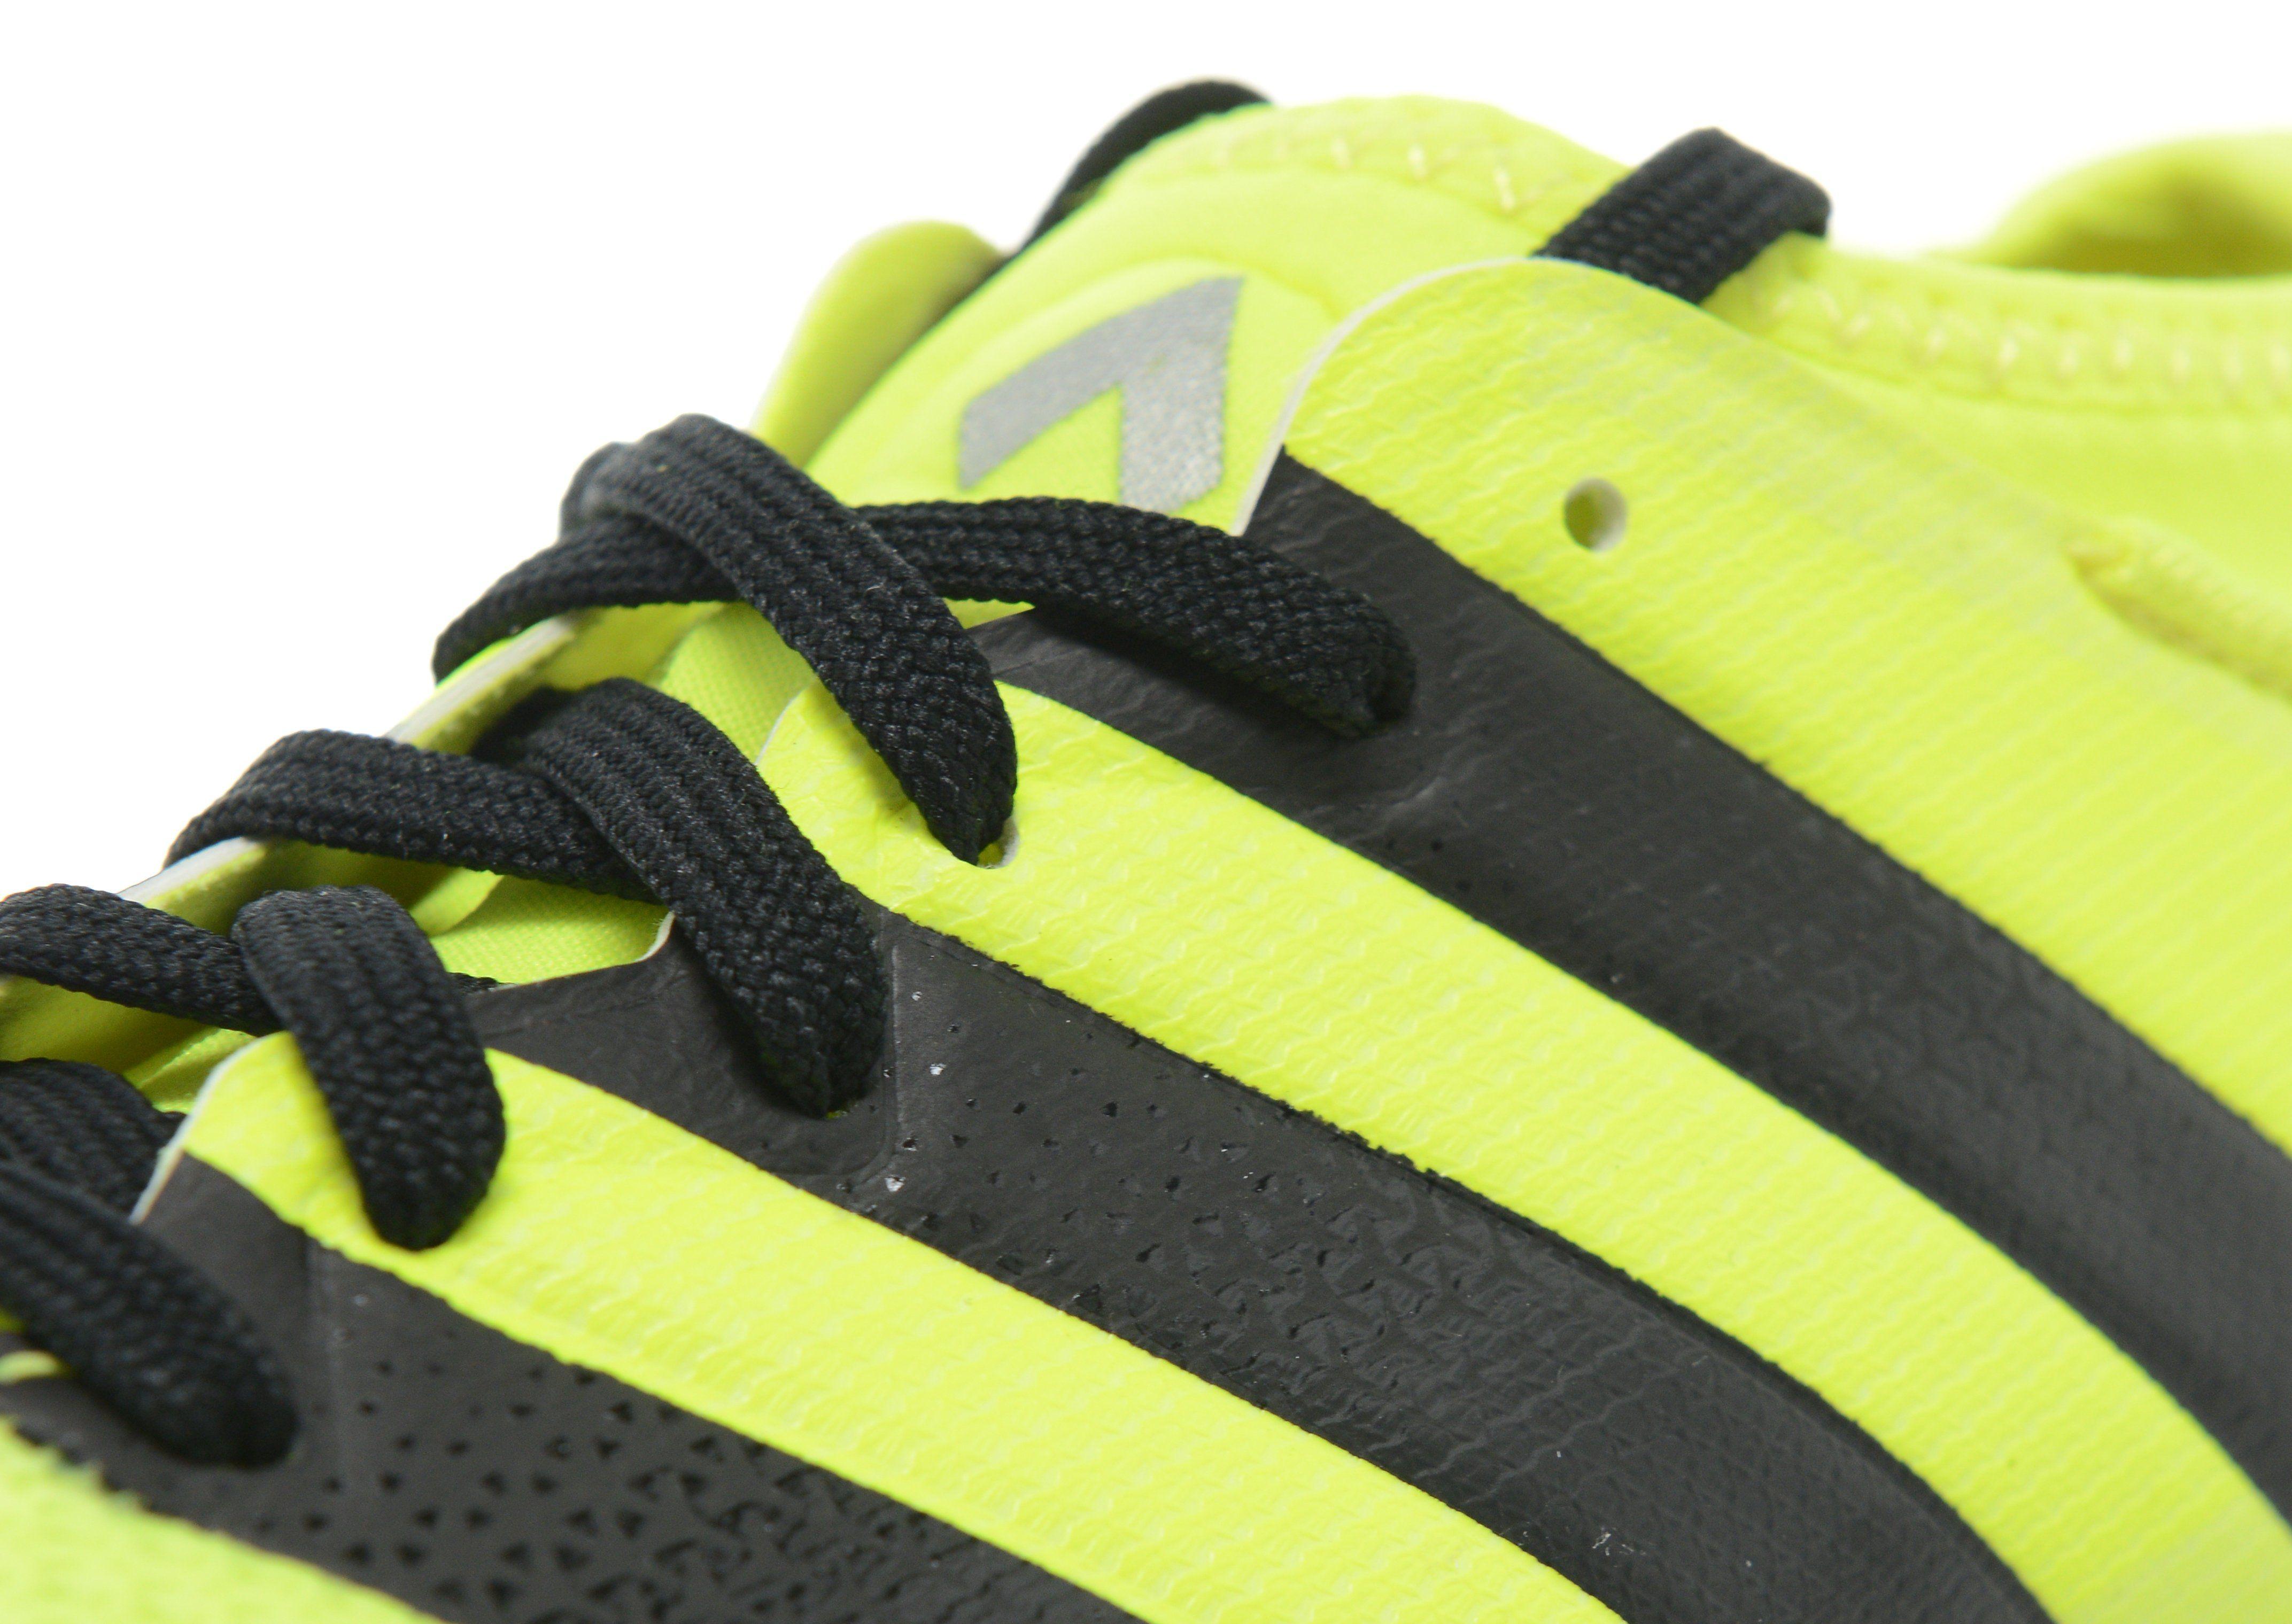 Verkauf Exklusiv adidas Ace 16.3 Turf Kinder Gelb Auslasszwischenraum Store Günstige Standorte Verkauf Auslass BfQNkkIW